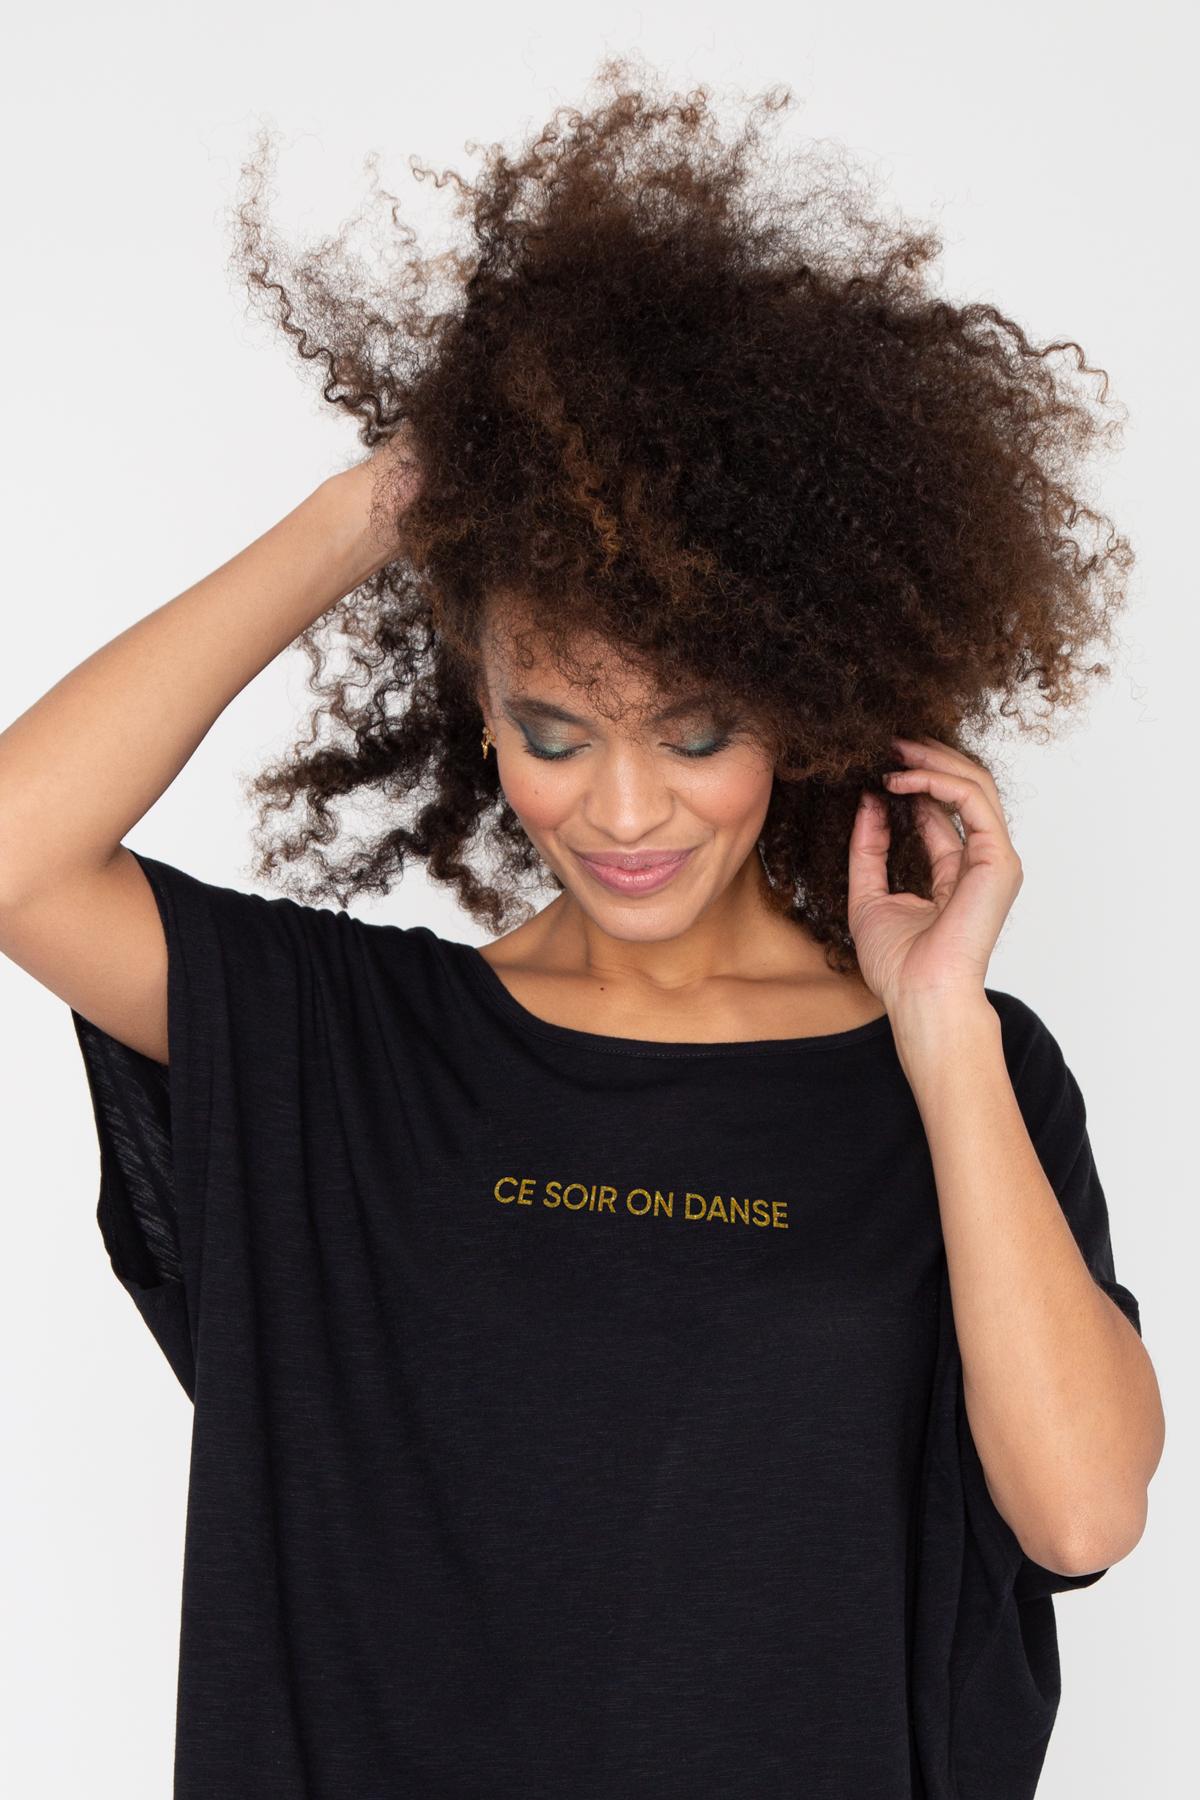 Photo de New femme Robe flammée CE SOIR ON DANSE chez French Disorder